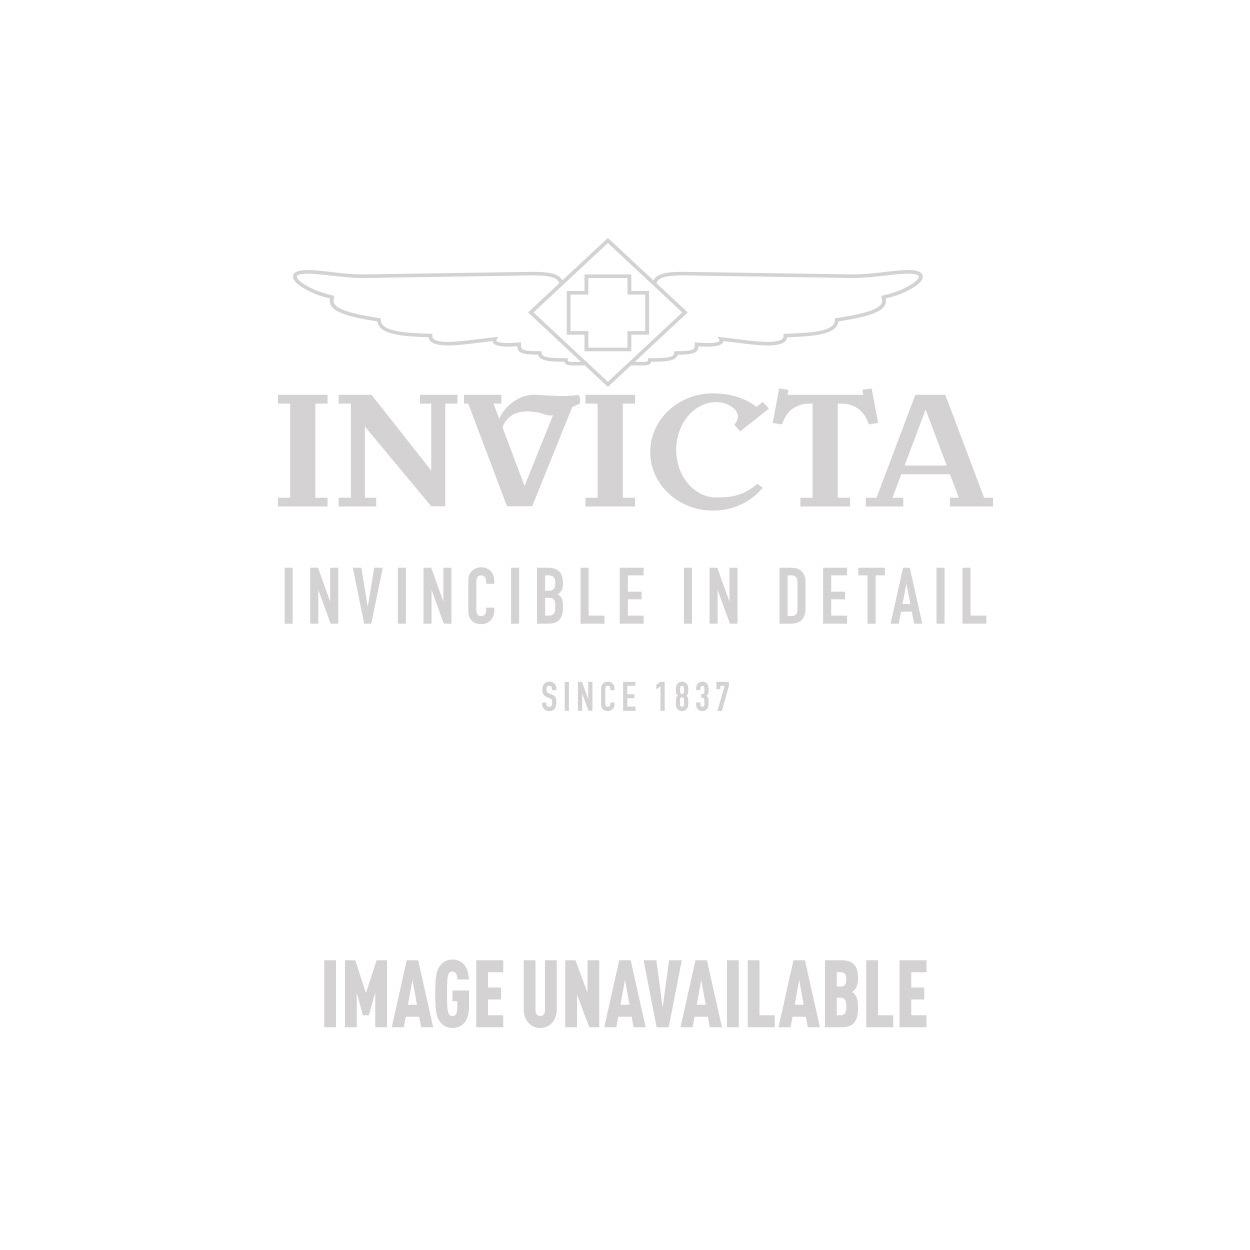 Invicta Model 27866